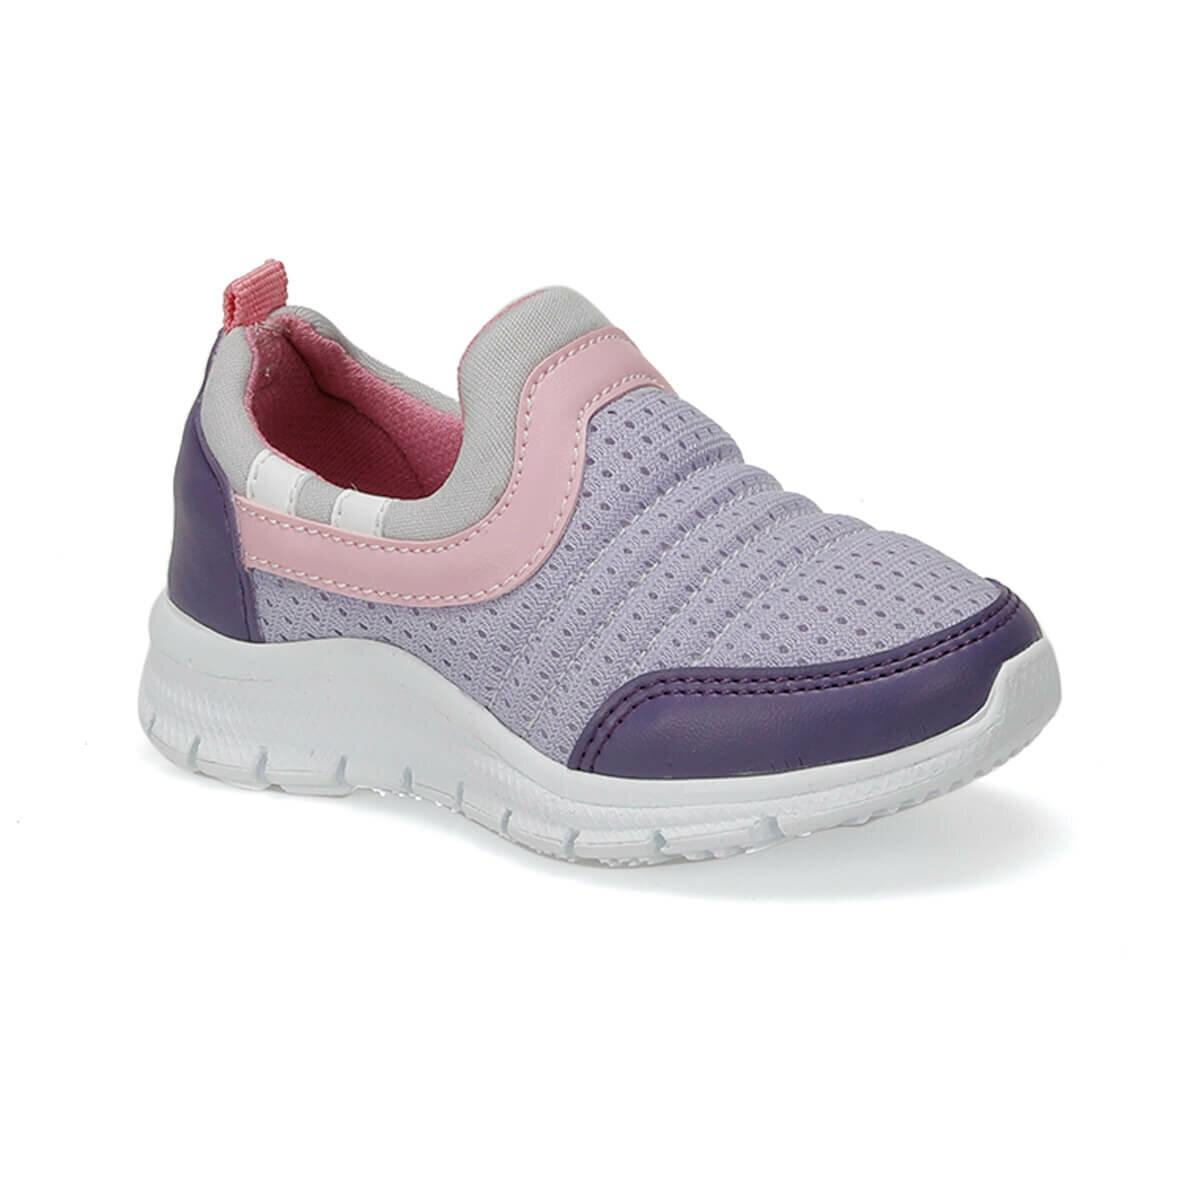 FLO CIRCLE Purple Female Child Walking Shoes I-Cool